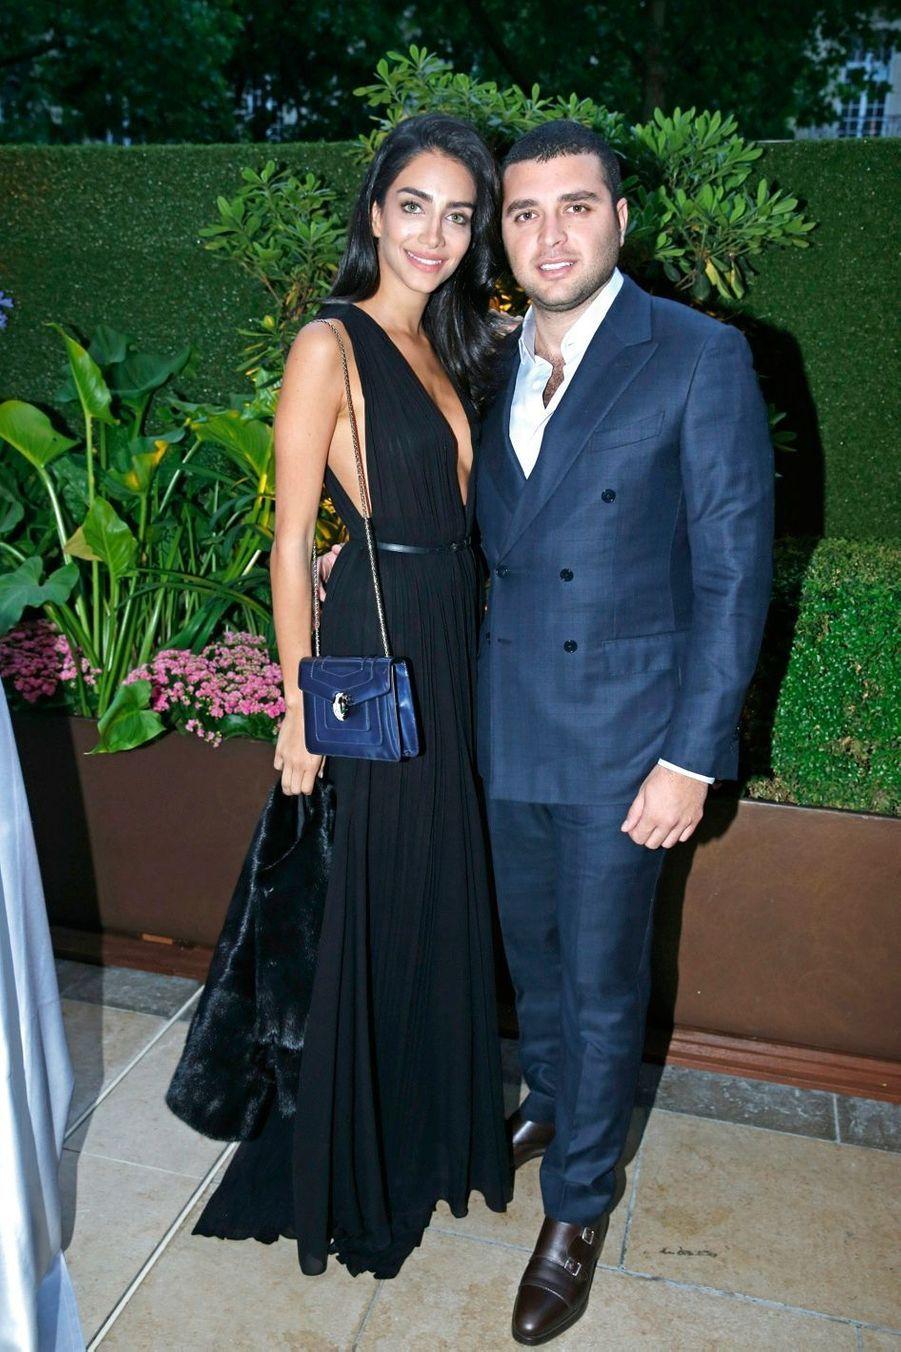 Jessica Kahawaty, Elie Saab Jr.